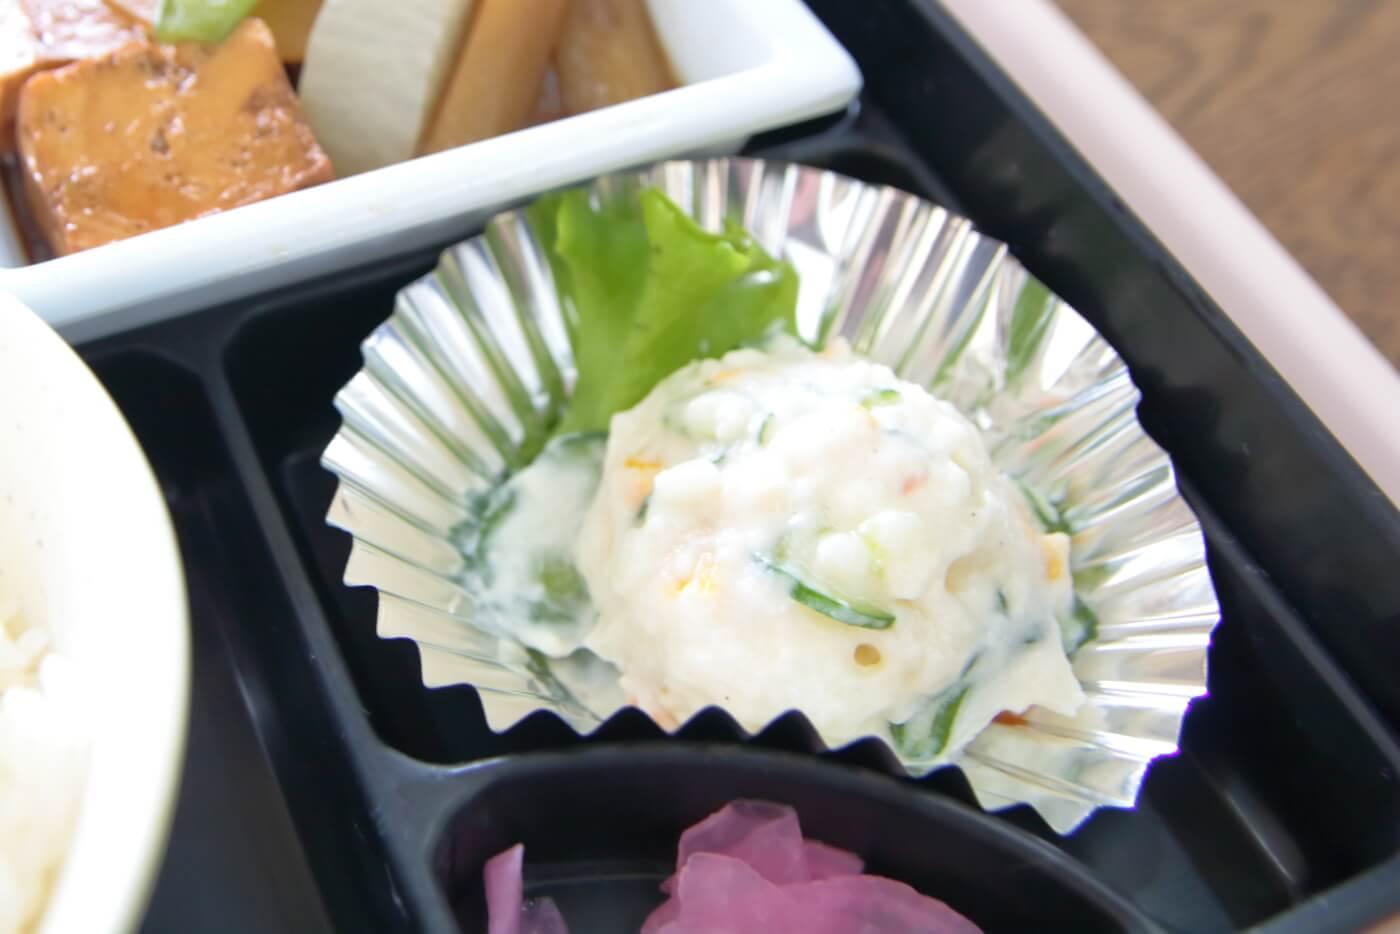 高知医科大学の食堂やまもも 赤魚の煮付け弁当のポテサラ